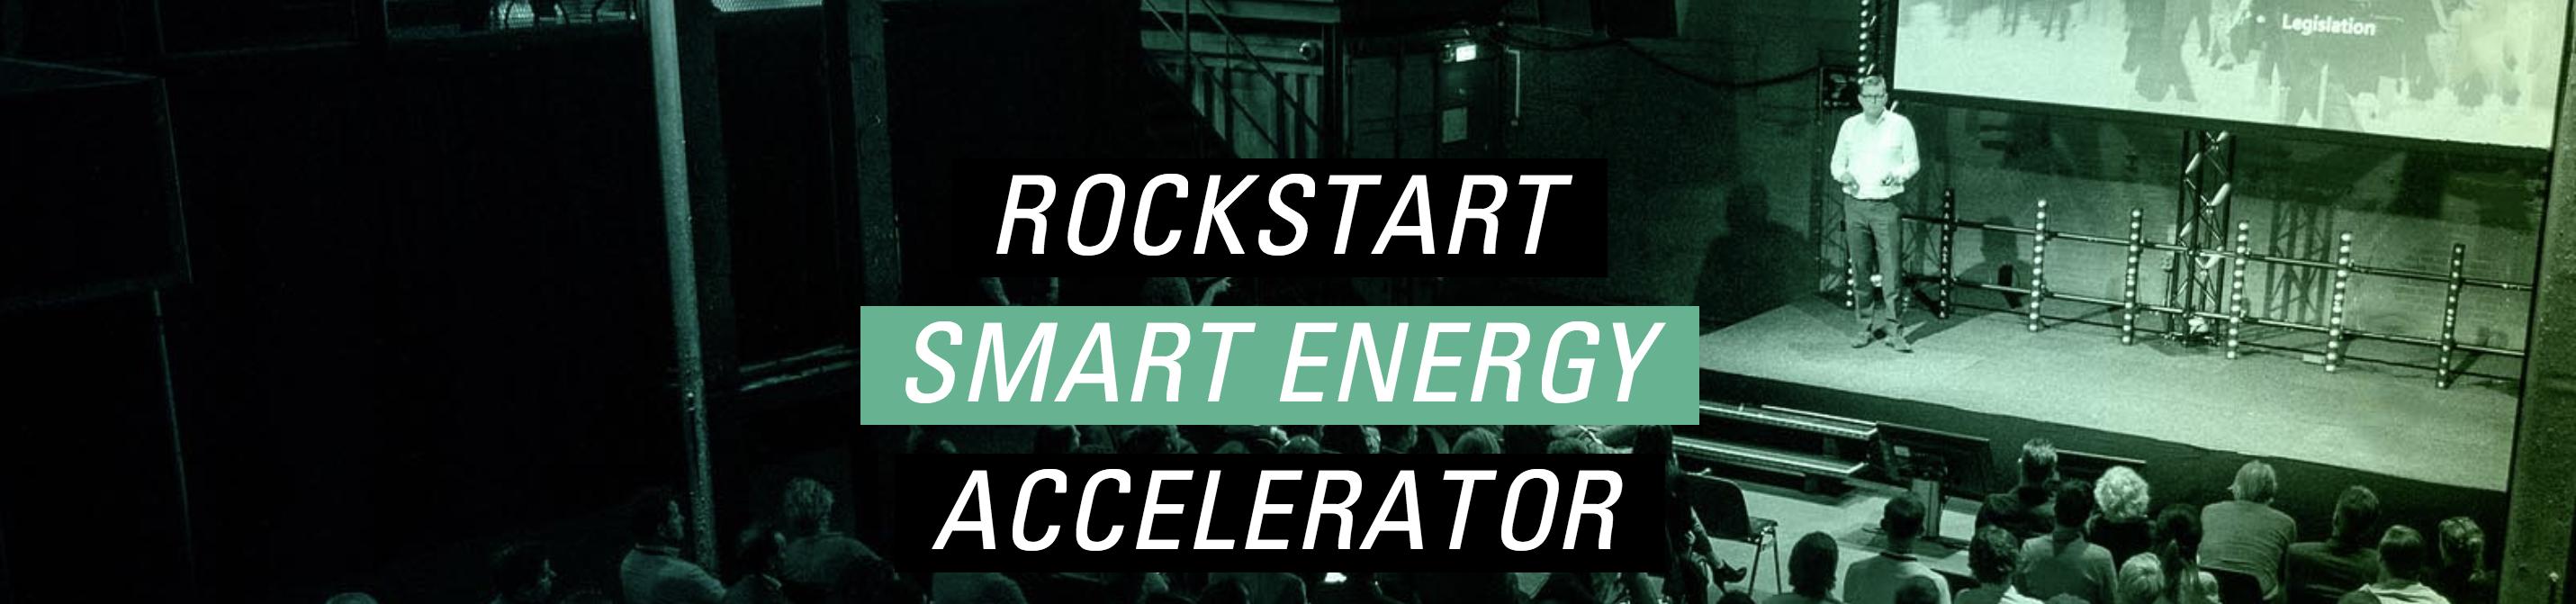 Rockstart Smart Energy Accelerator Program